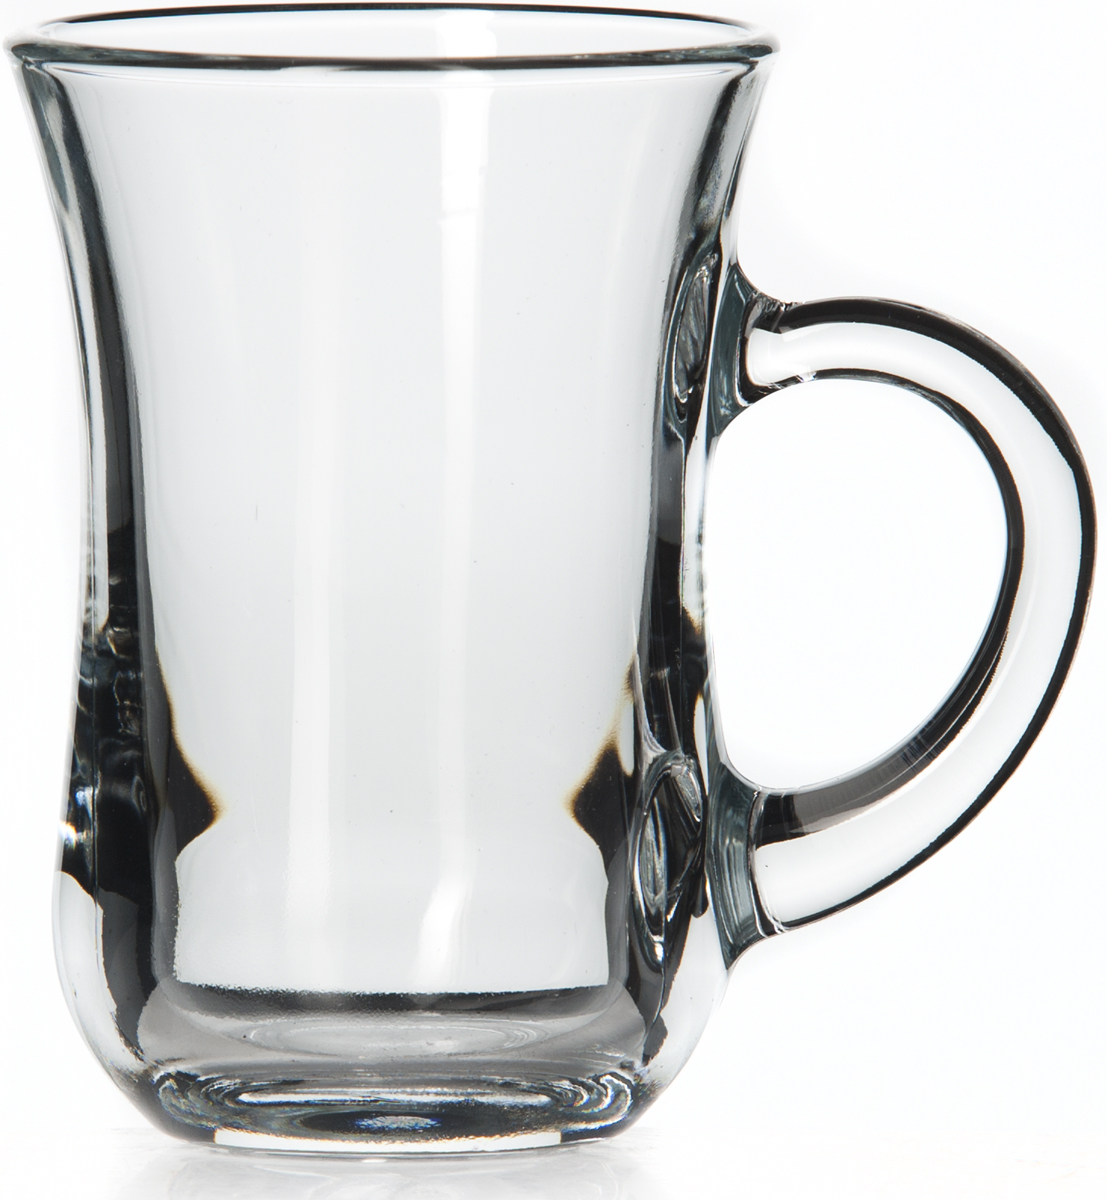 Кружка Pasabahce Чай и кофе, 140 мл55411SLBКружка Pasabahce Чай и кофе изготовлена из прозрачного стекла. Изделие идеально подходит для сервировки стола.